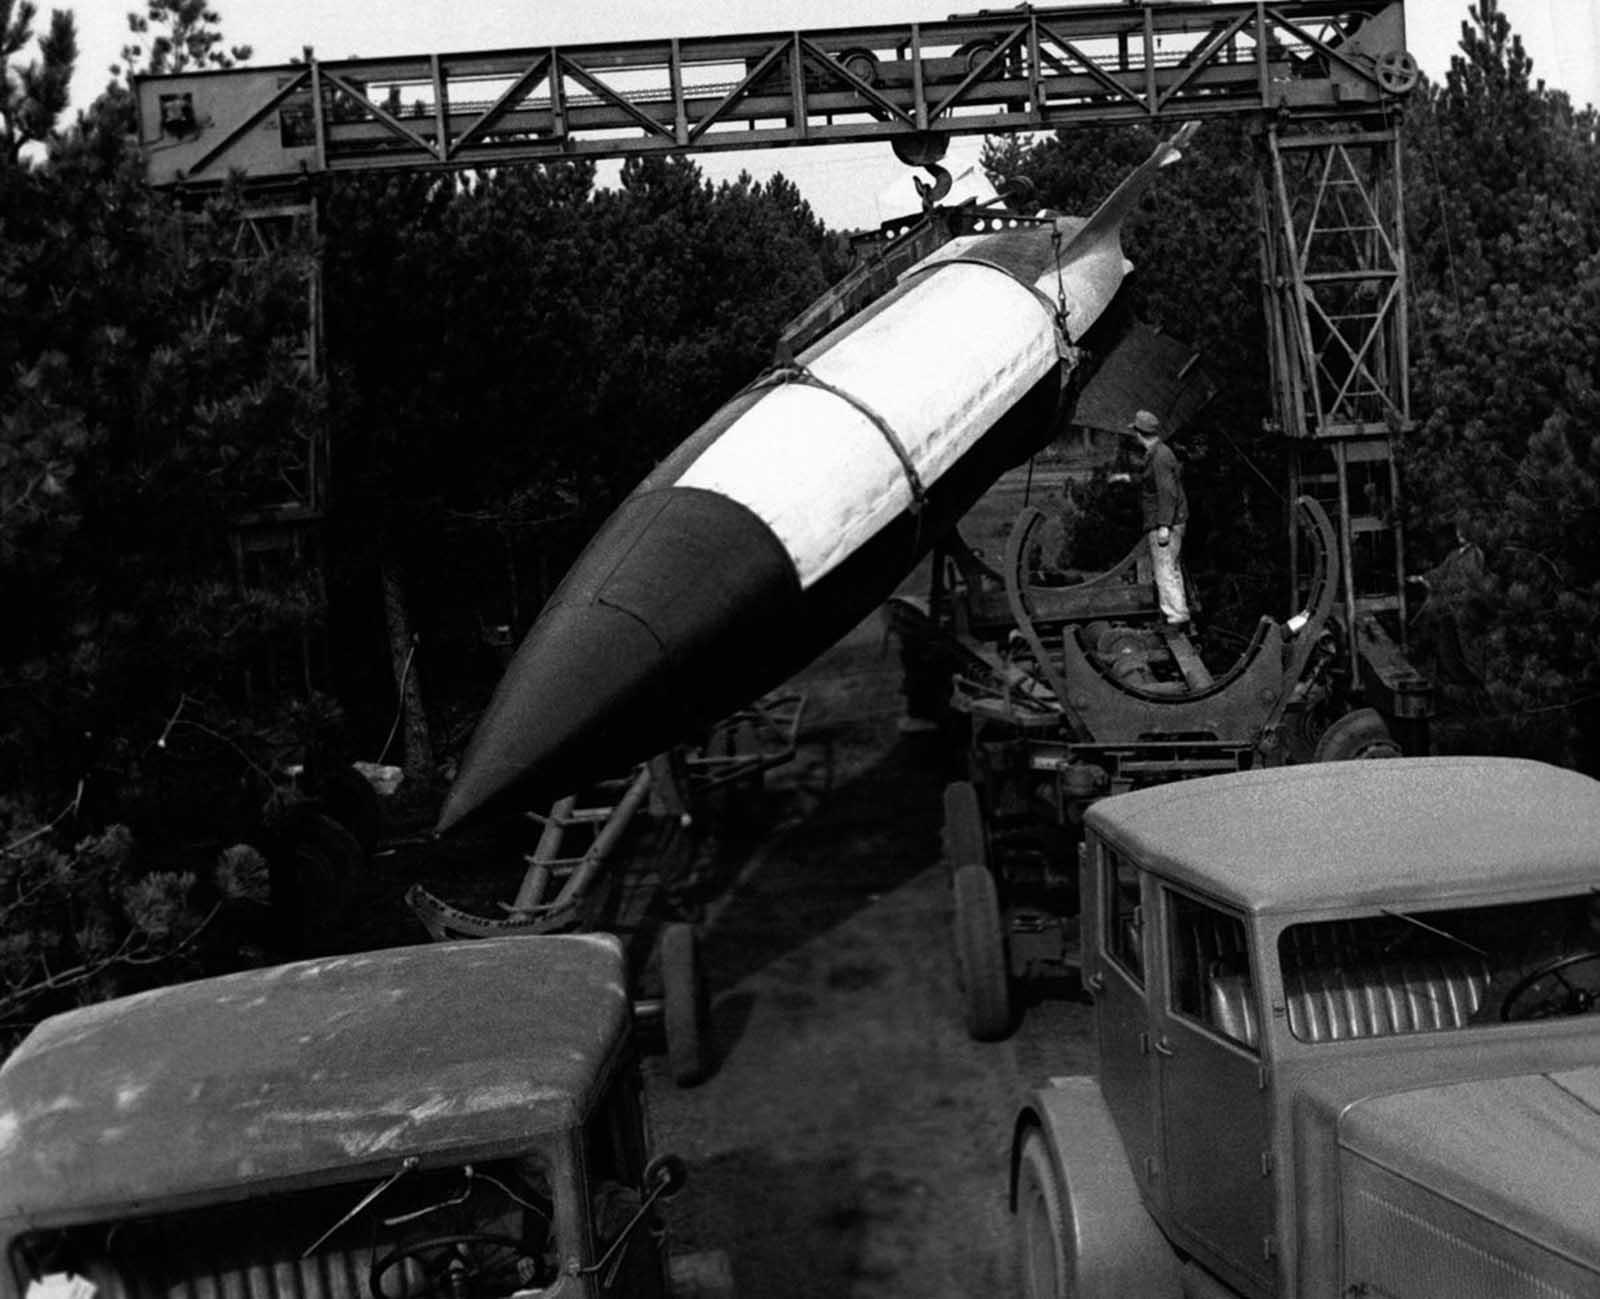 V-2 (German: Vergeltungswaffe 2,